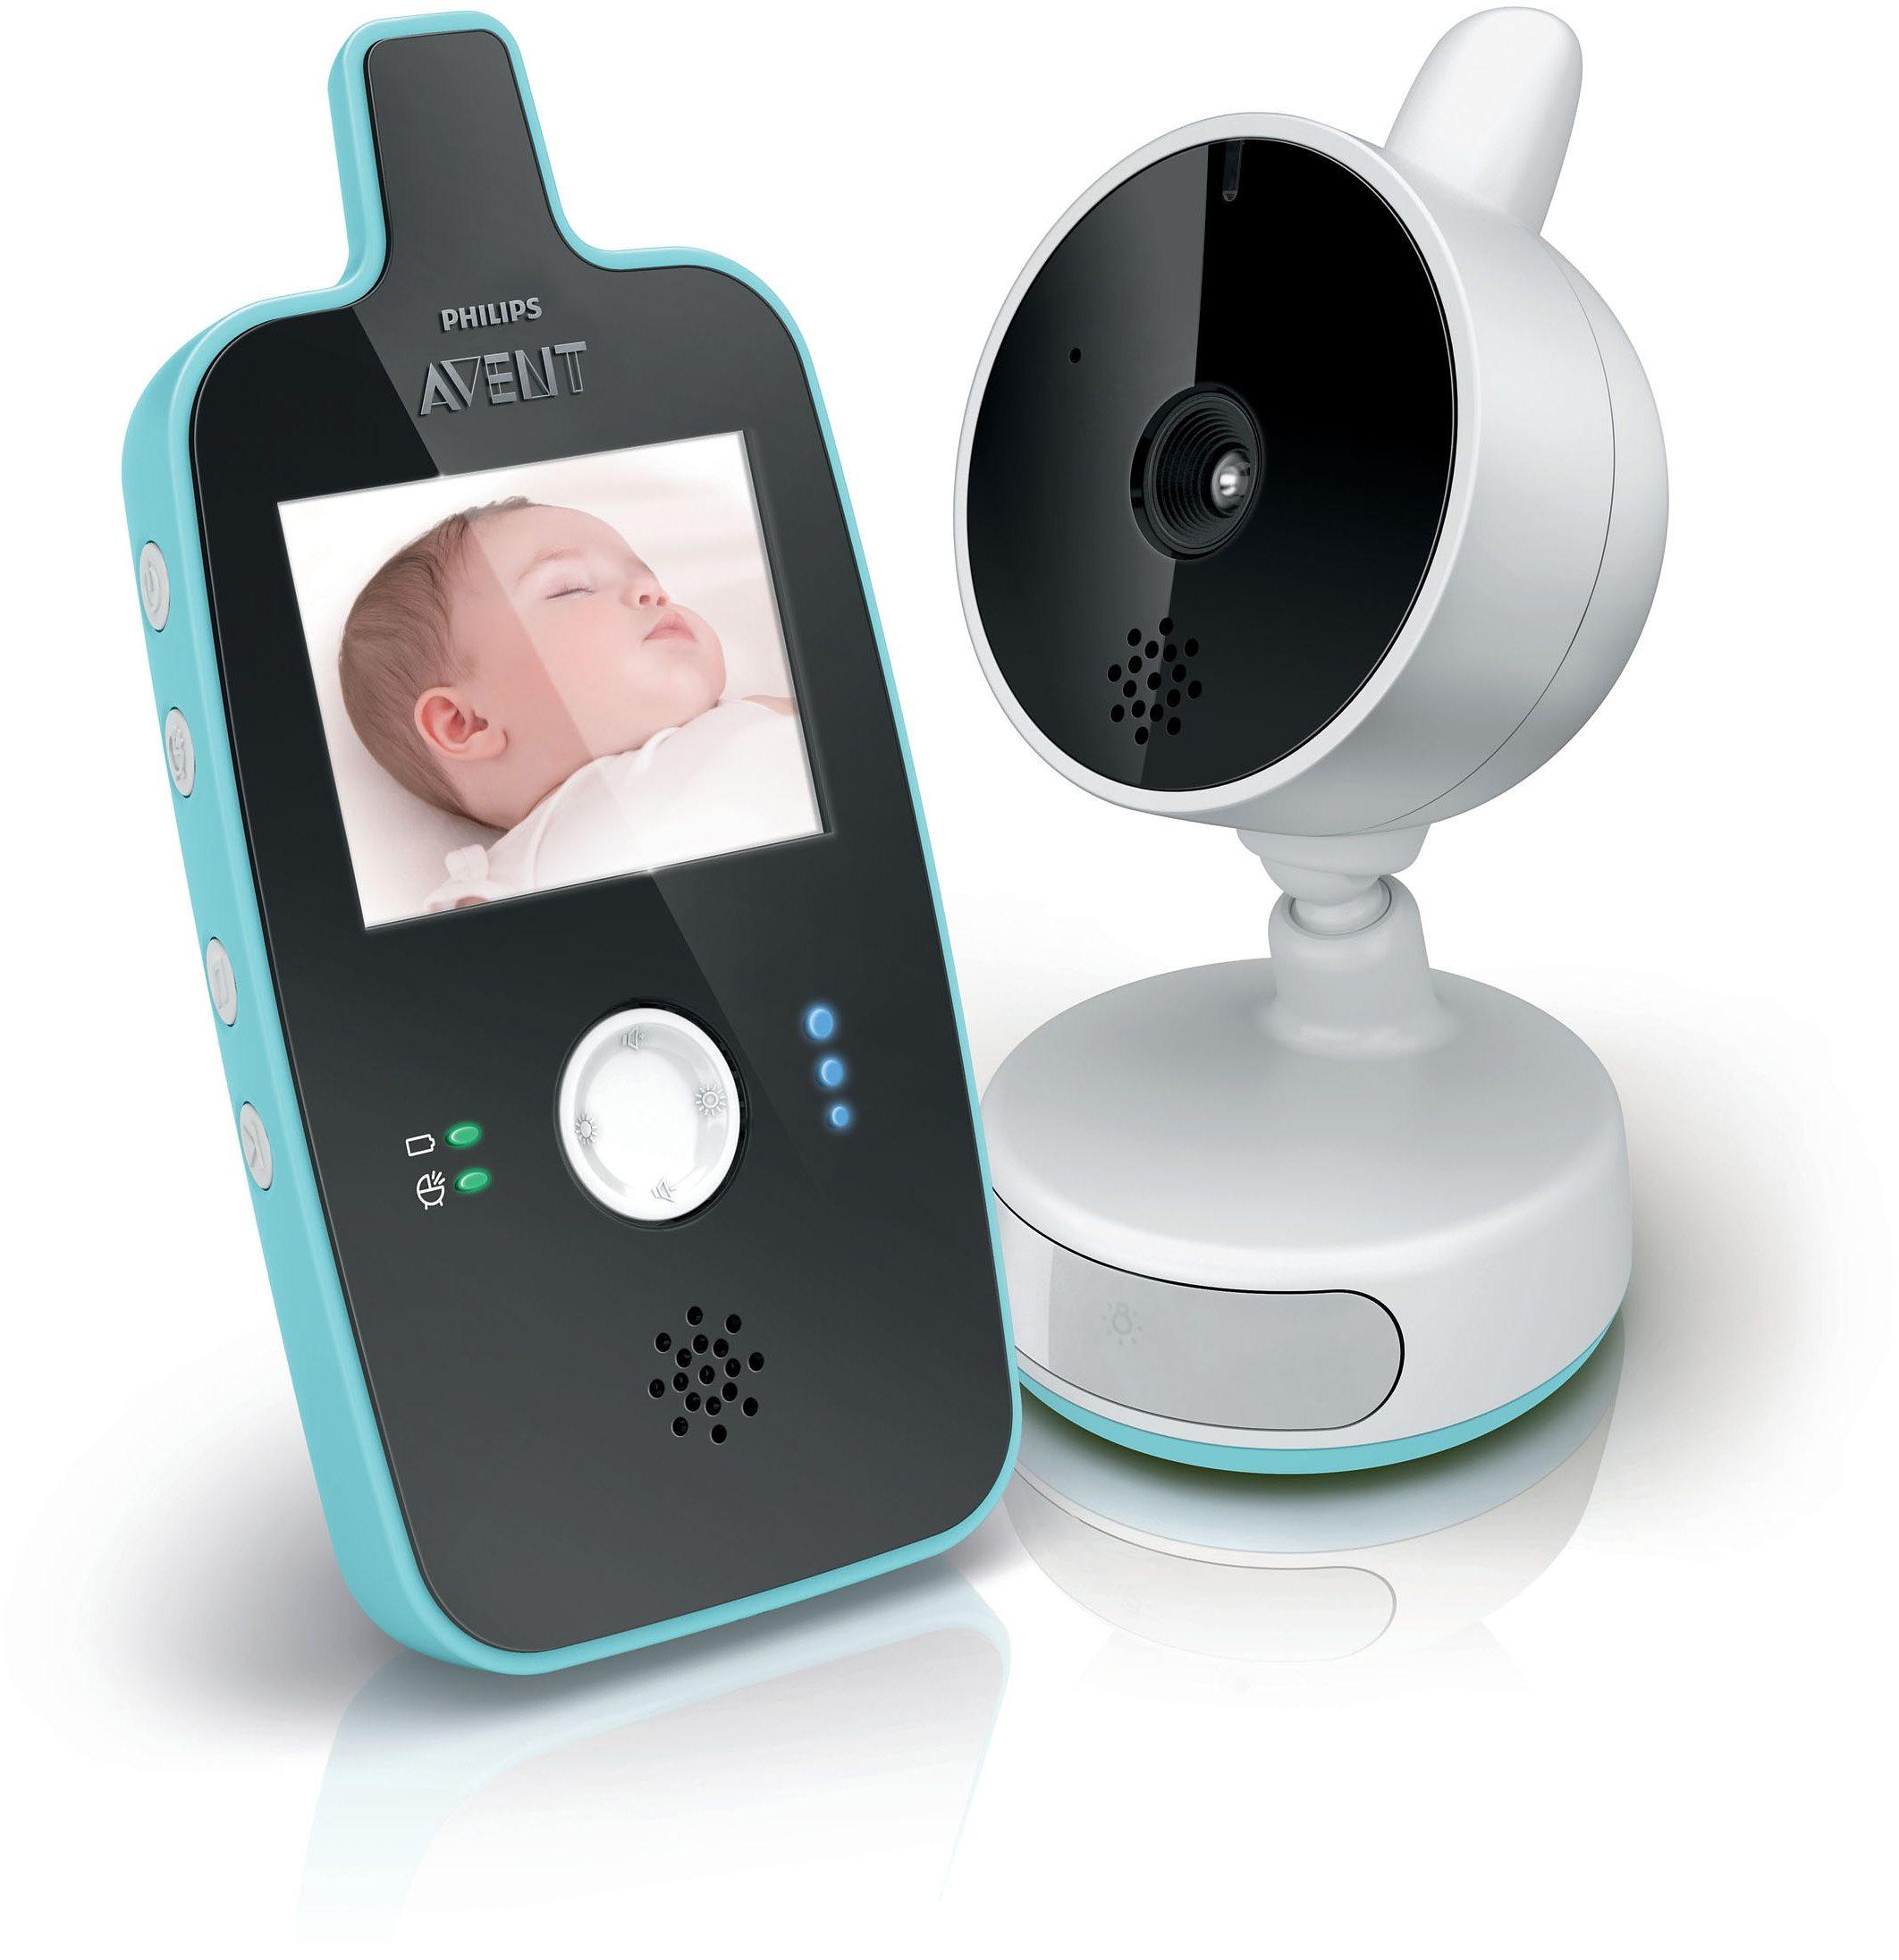 Philips Avent Digitales Babyphone SCD603/00 mit Videofunktion, weiß/schwarz